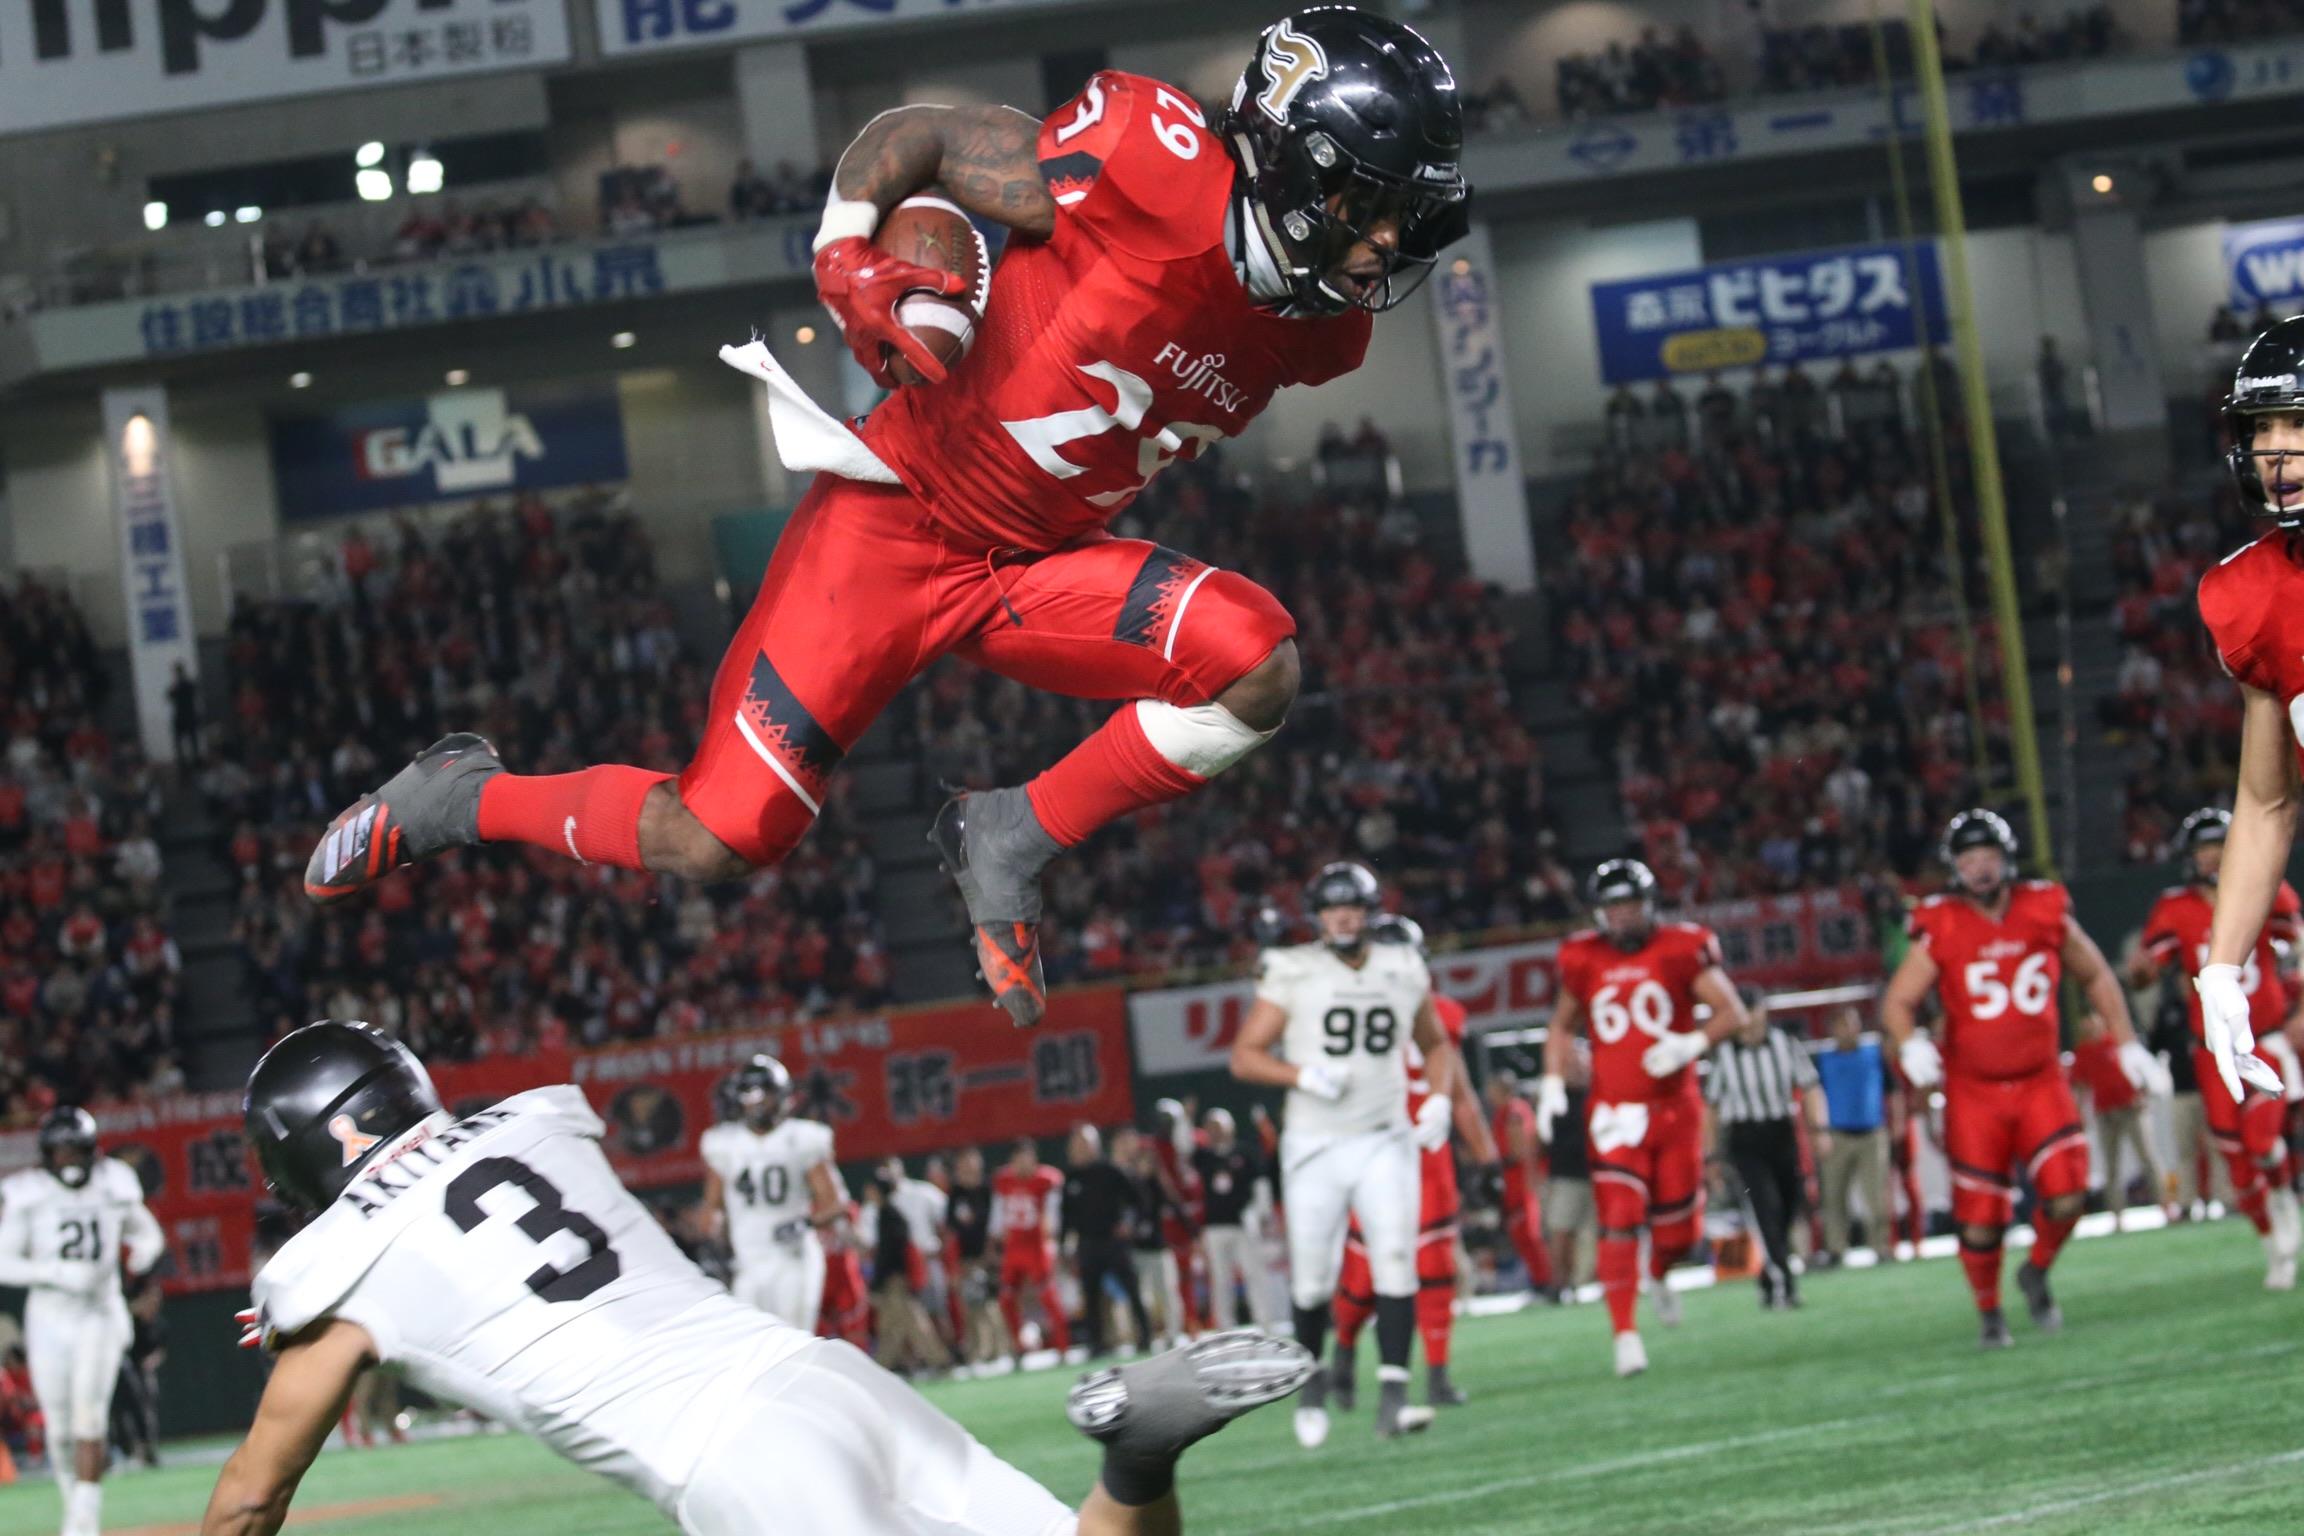 相手の守備選手を飛び越えて前進する富士通のRBグラント(29)=撮影:武部真